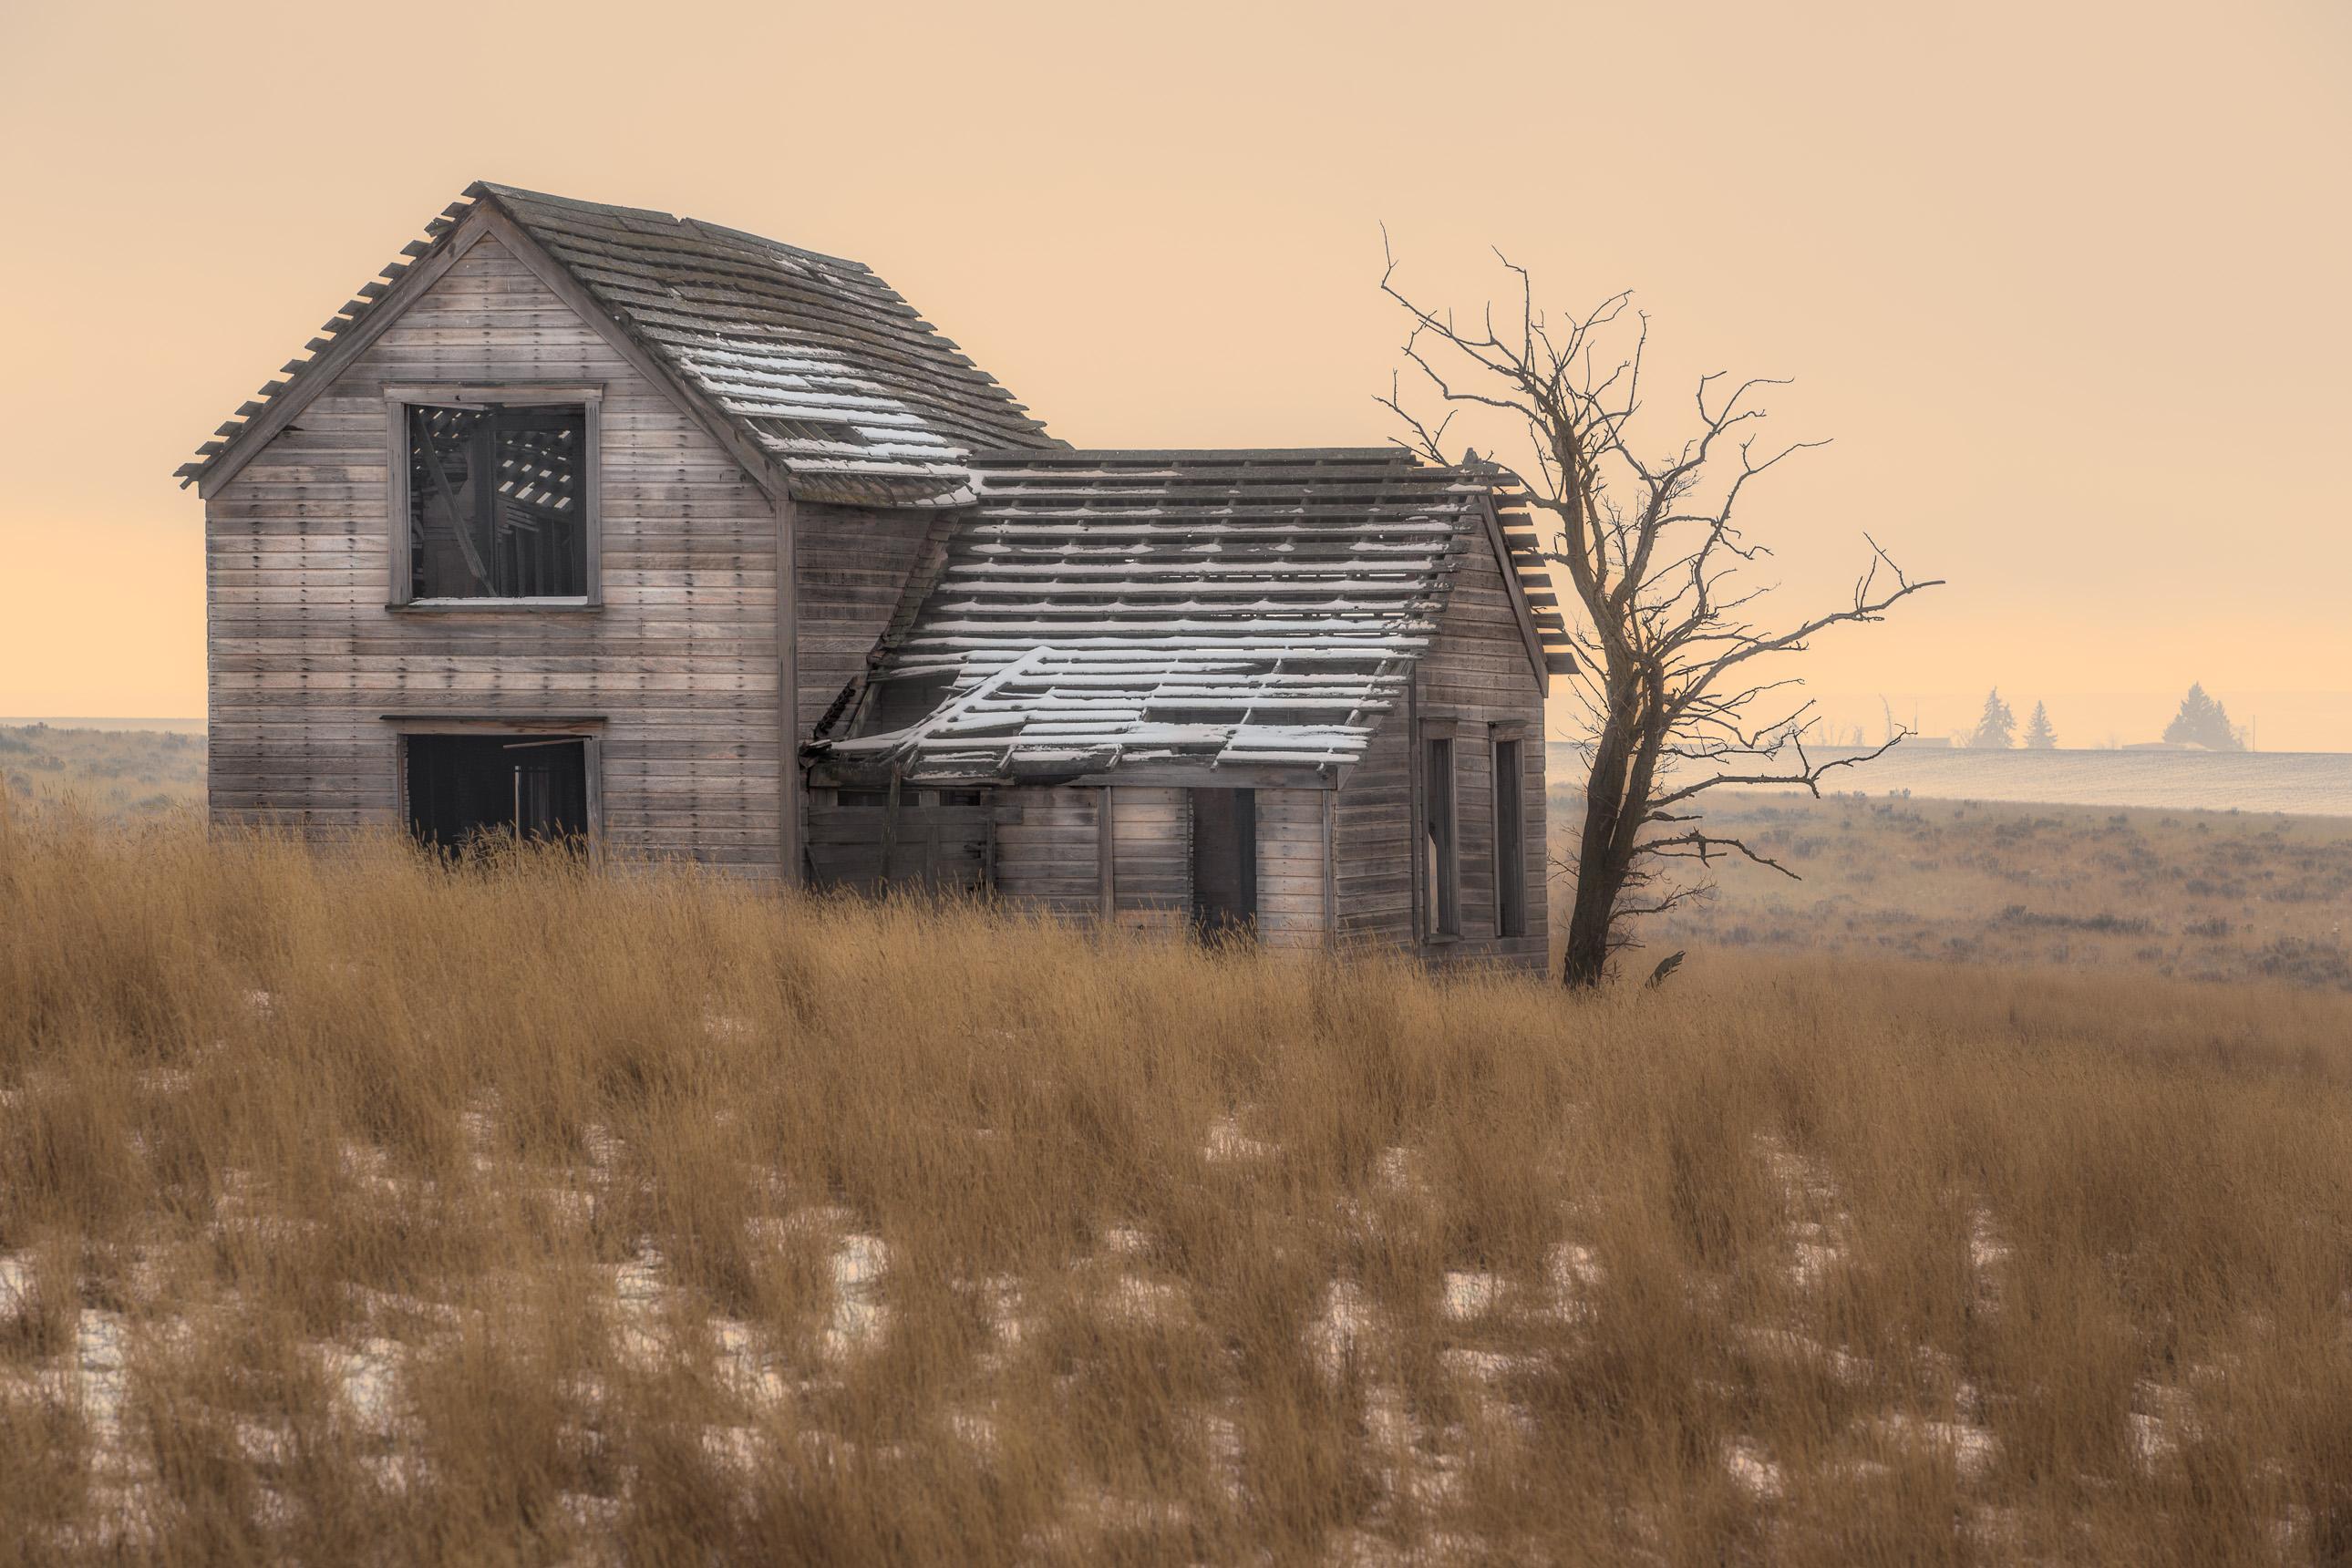 Creepy abandoned house in Washington